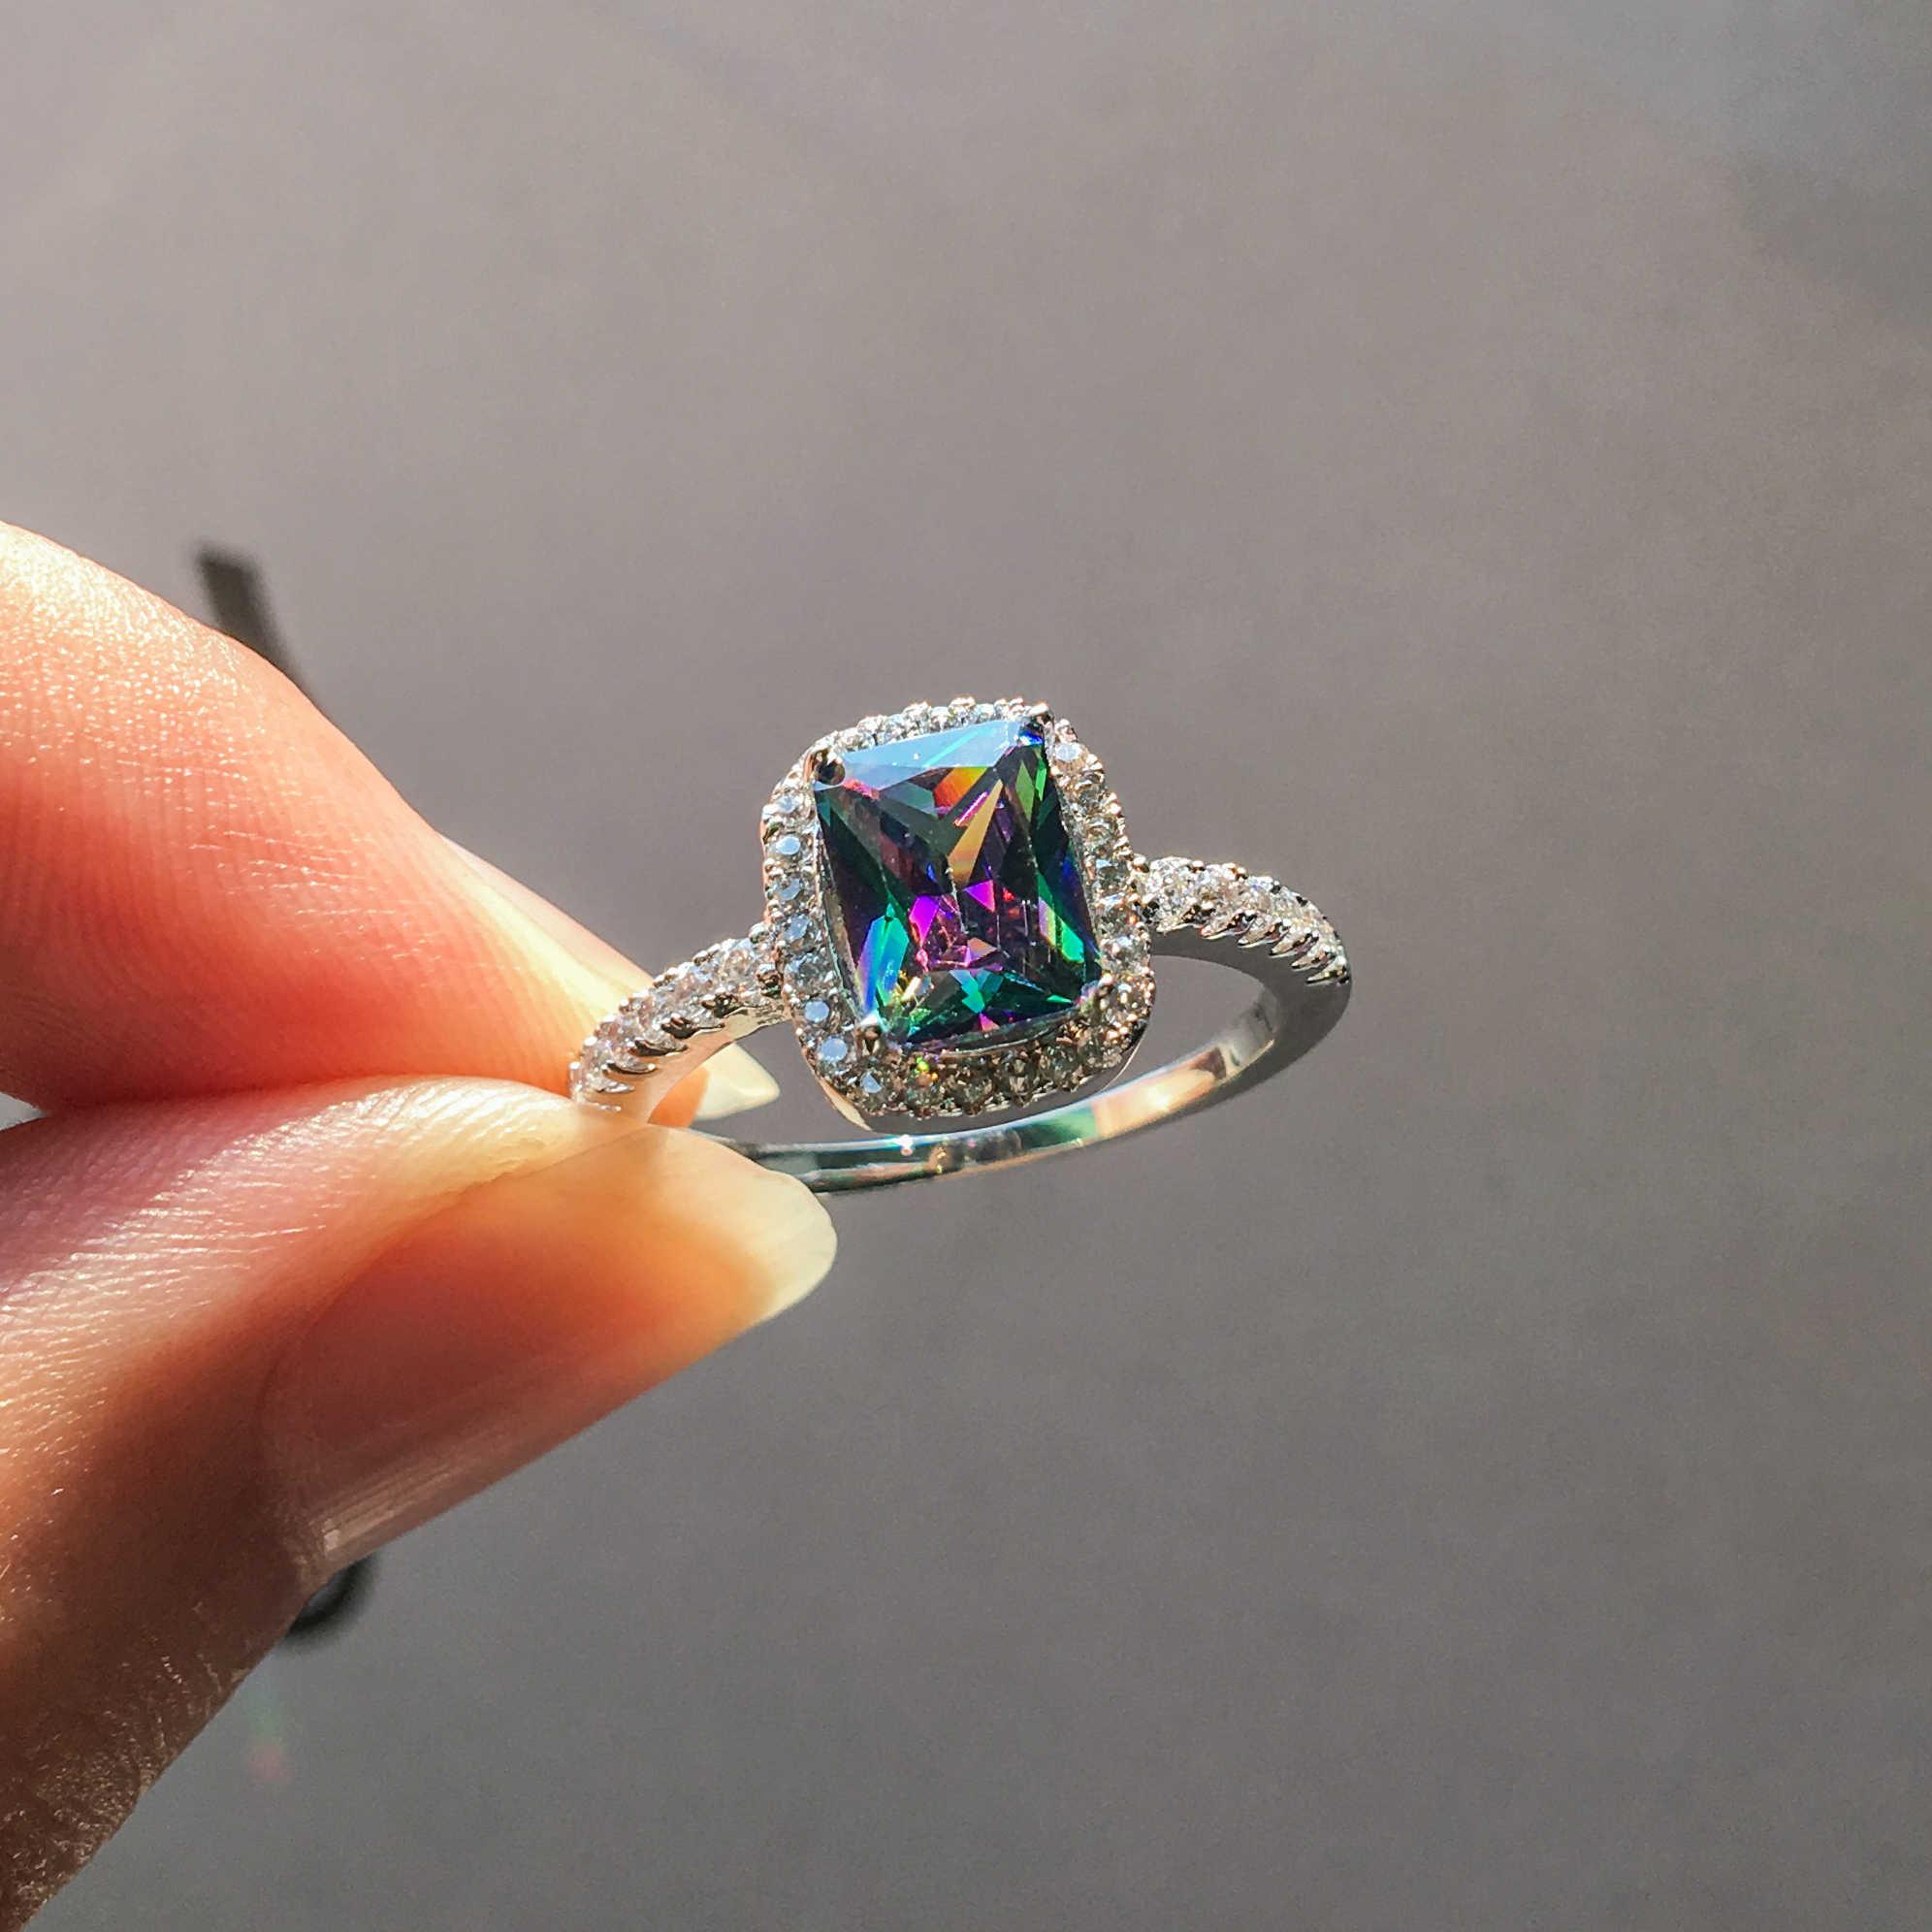 Charm Nữ Rainbow Đính Đá Nhiều Màu Vòng Đời Boho Bạc 925 Cưới Ban Nhạc Nhẫn Hứa Tình Yêu Nhẫn Đính Hôn Cho Nữ